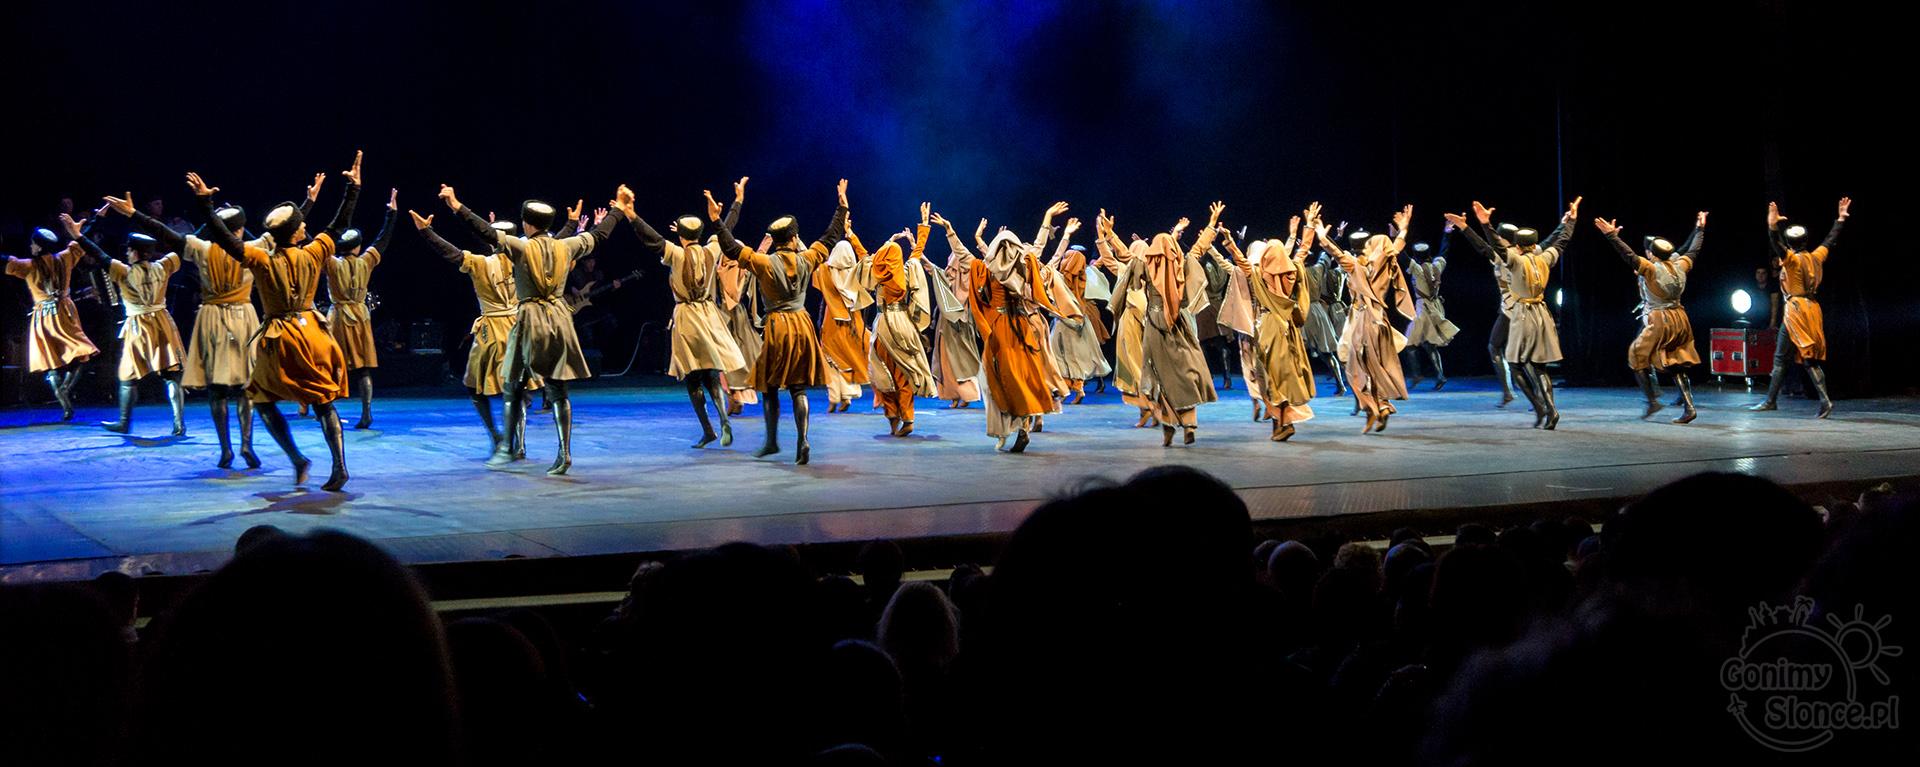 Narodowy Balet Gruzji Sukhishvili 03 blog kulturalny